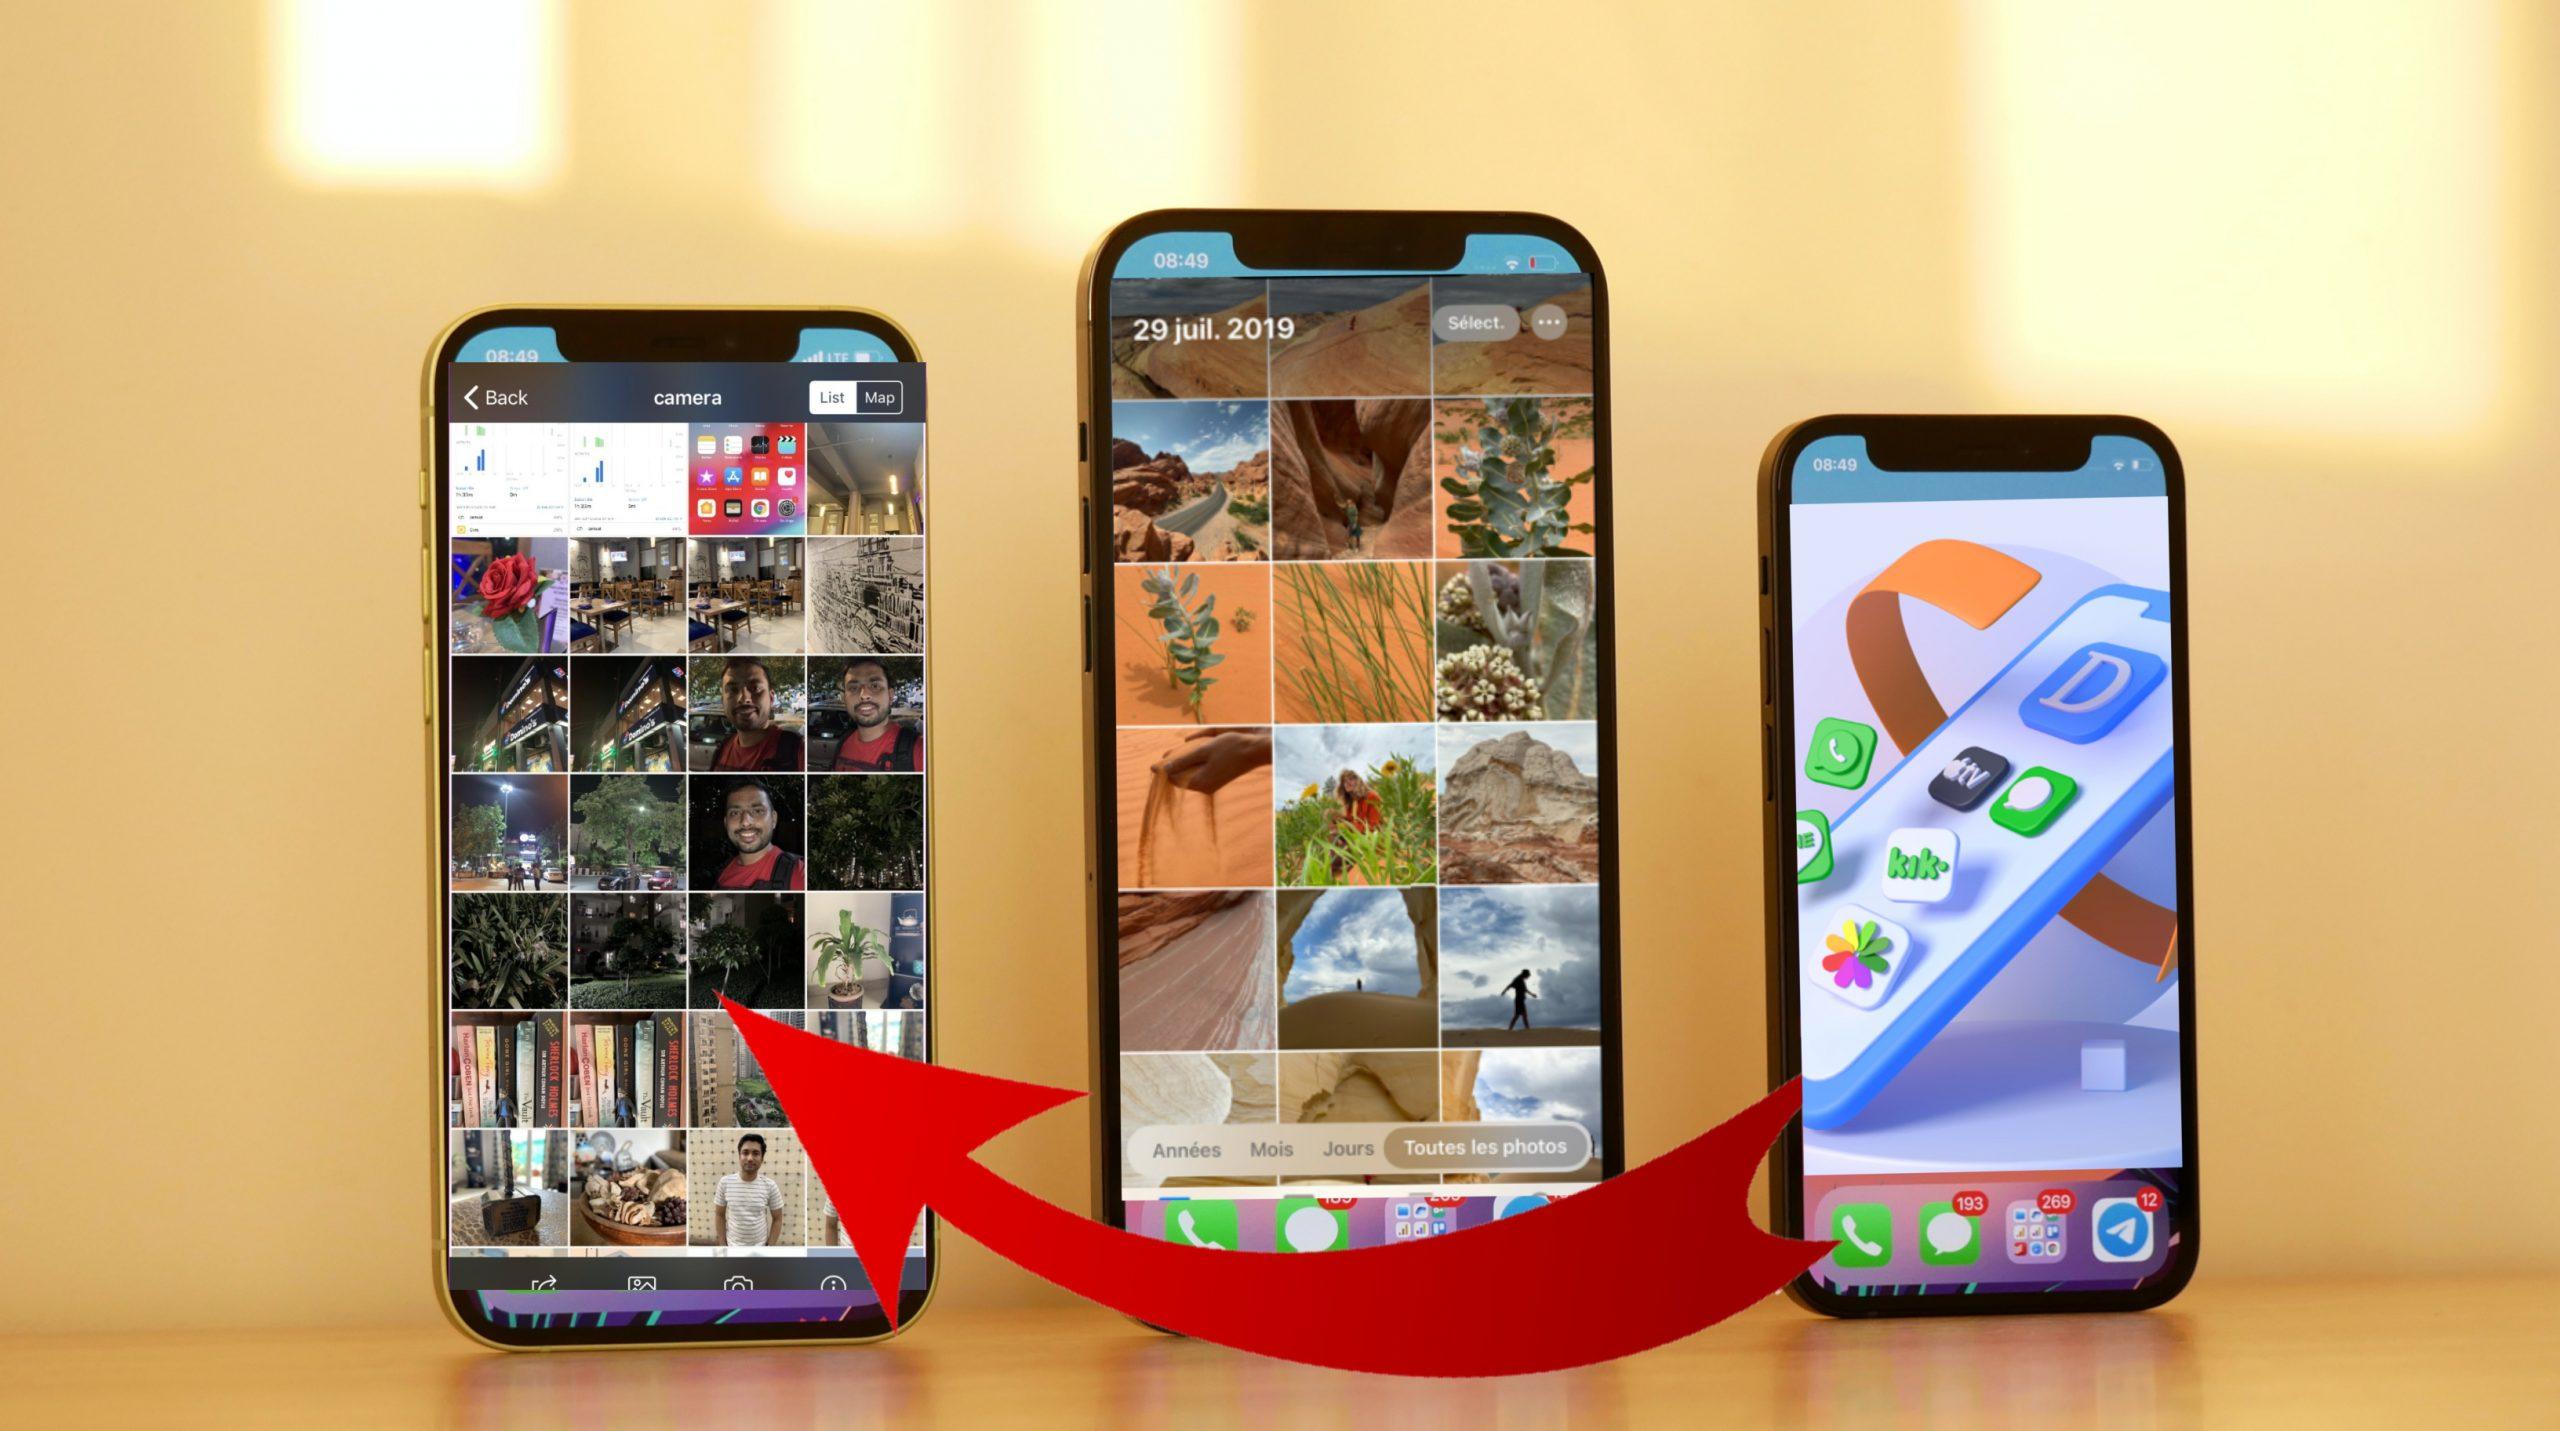 iPhone Silinen Fotograflari Geri Getirme Uygulamasi